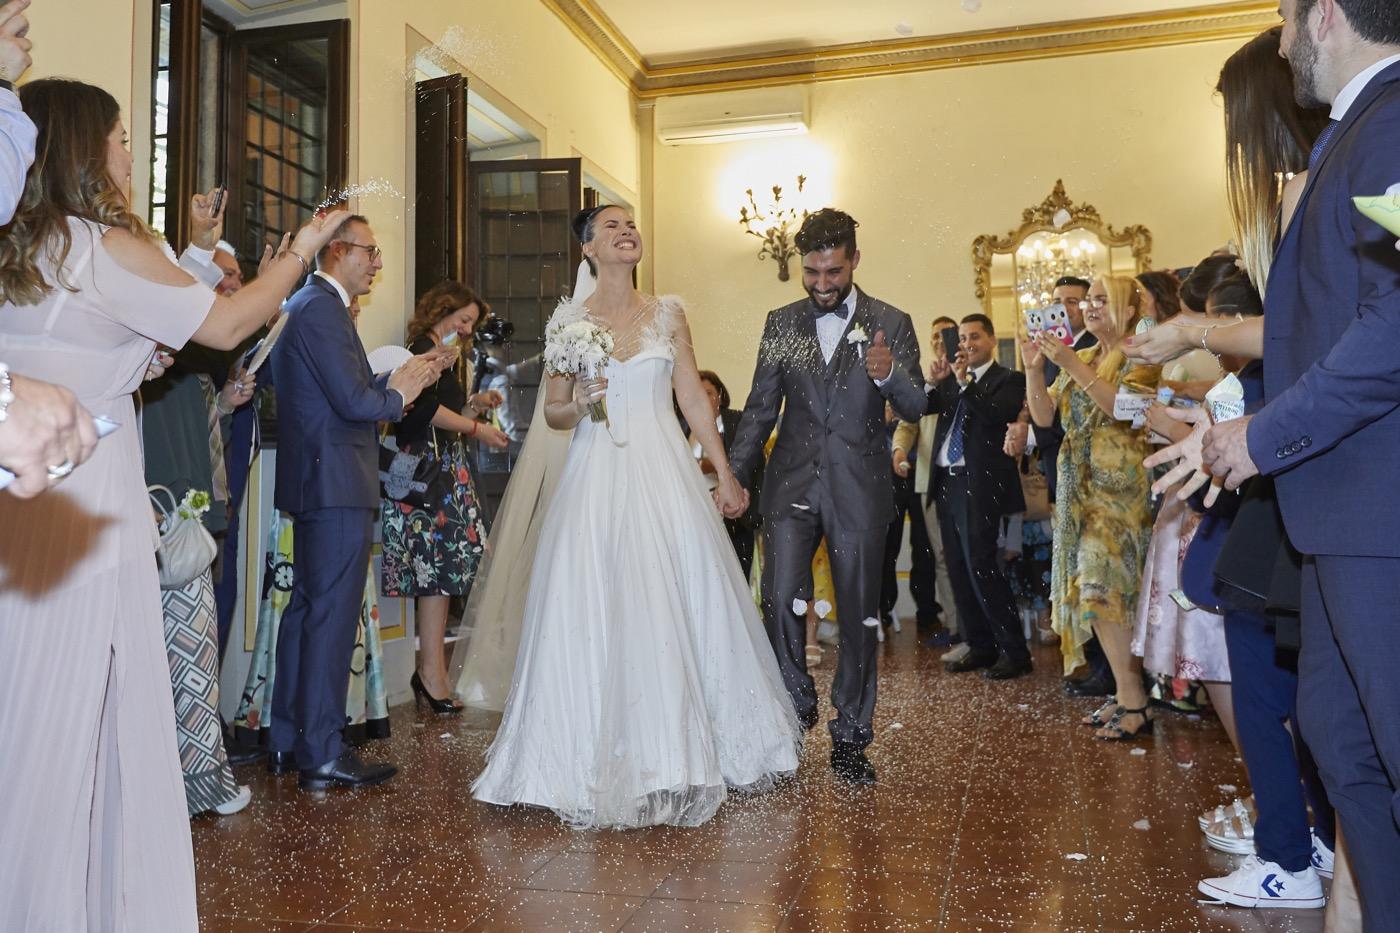 Claudio-Coppola-wedding-photographer-villa-del-cardinale-rocca-di-papa-castel-gandolfo-46